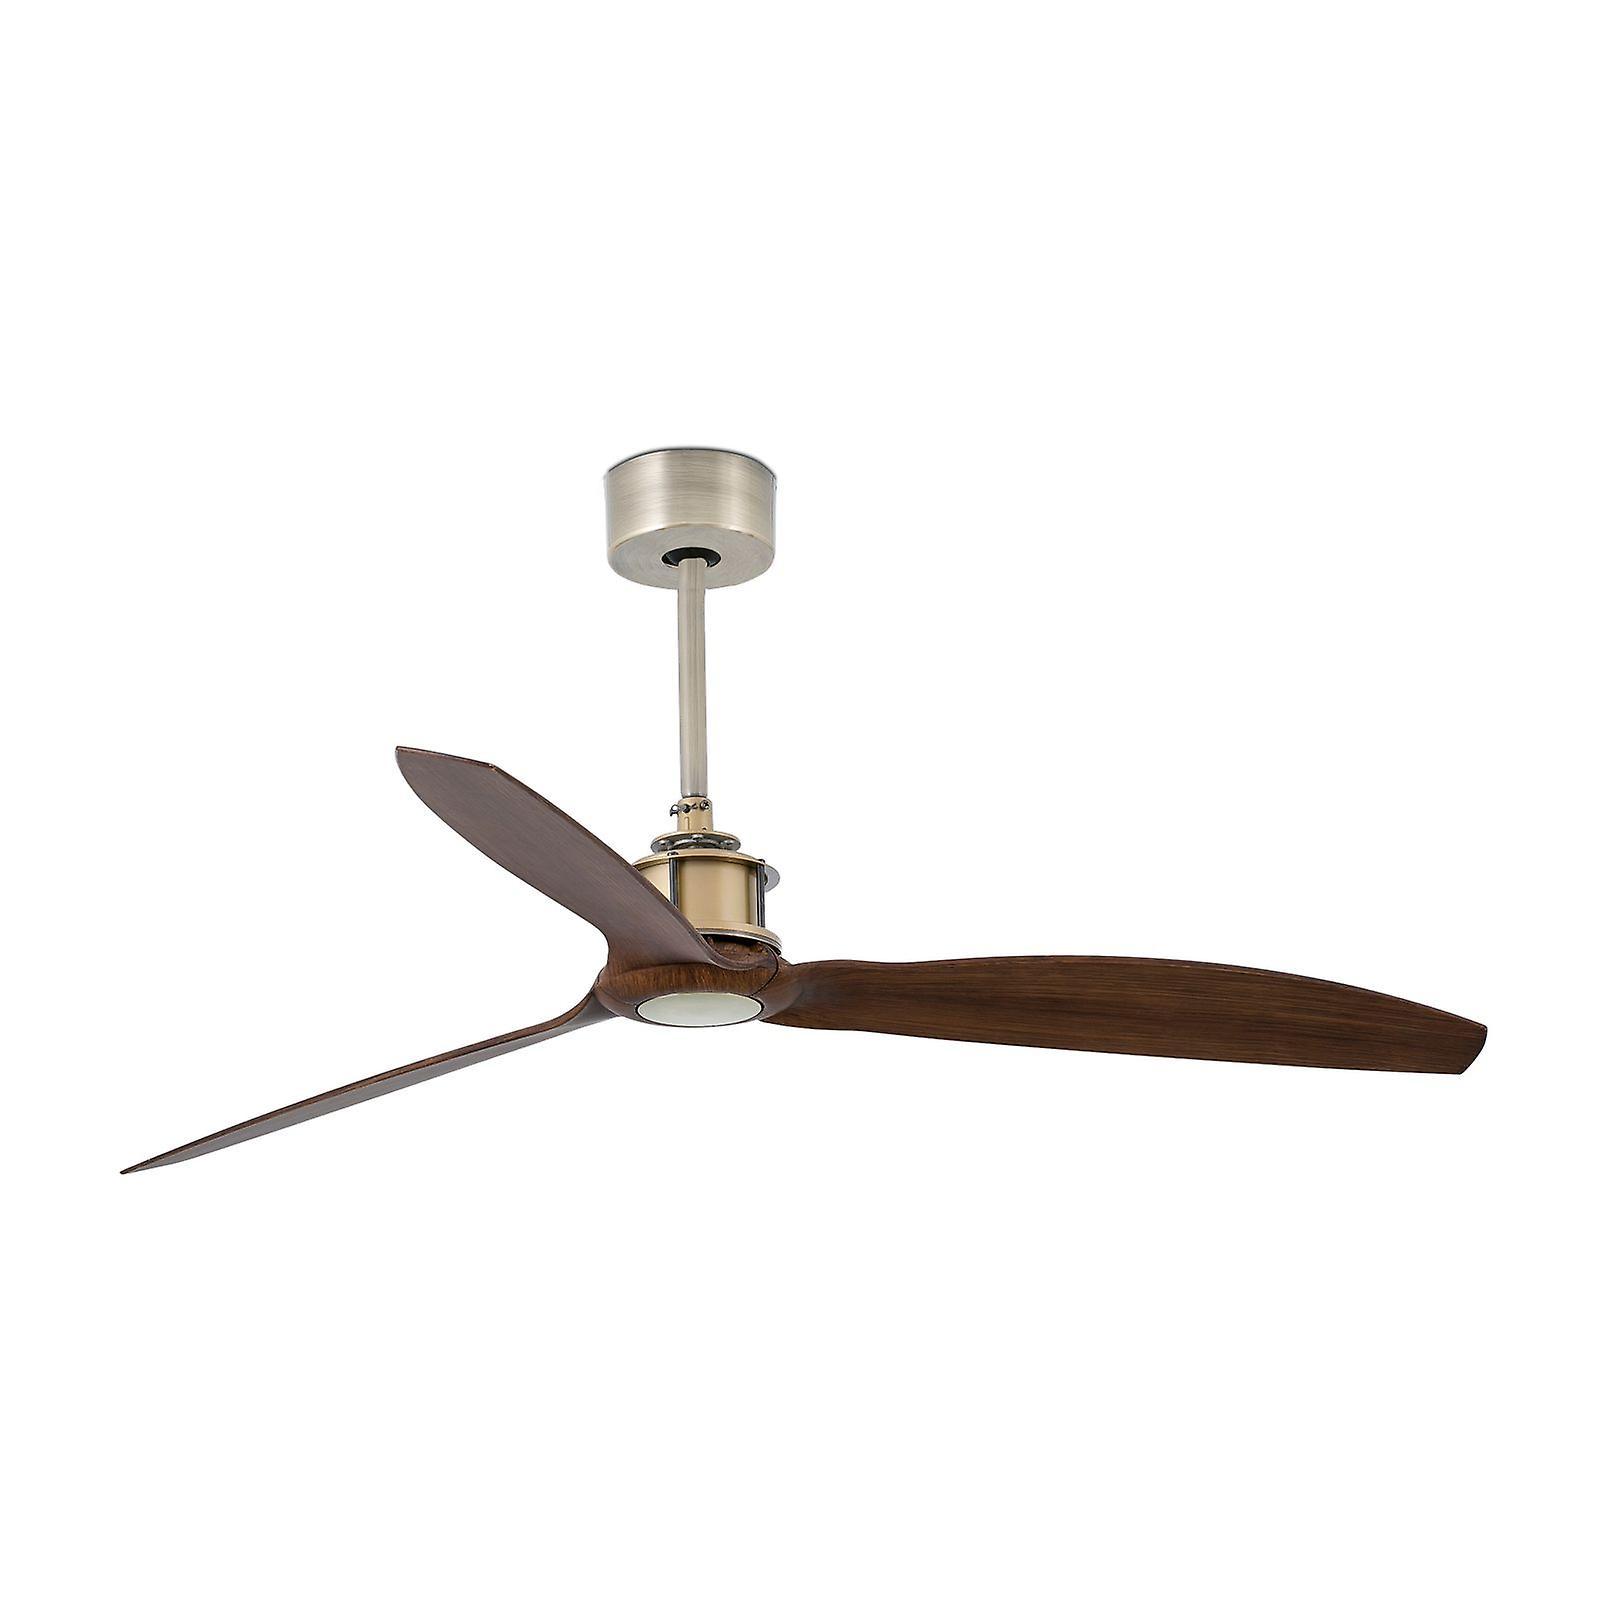 Ventilatore da soffitto Faro risparmio energetico ottone solo ventilatore con telecomando